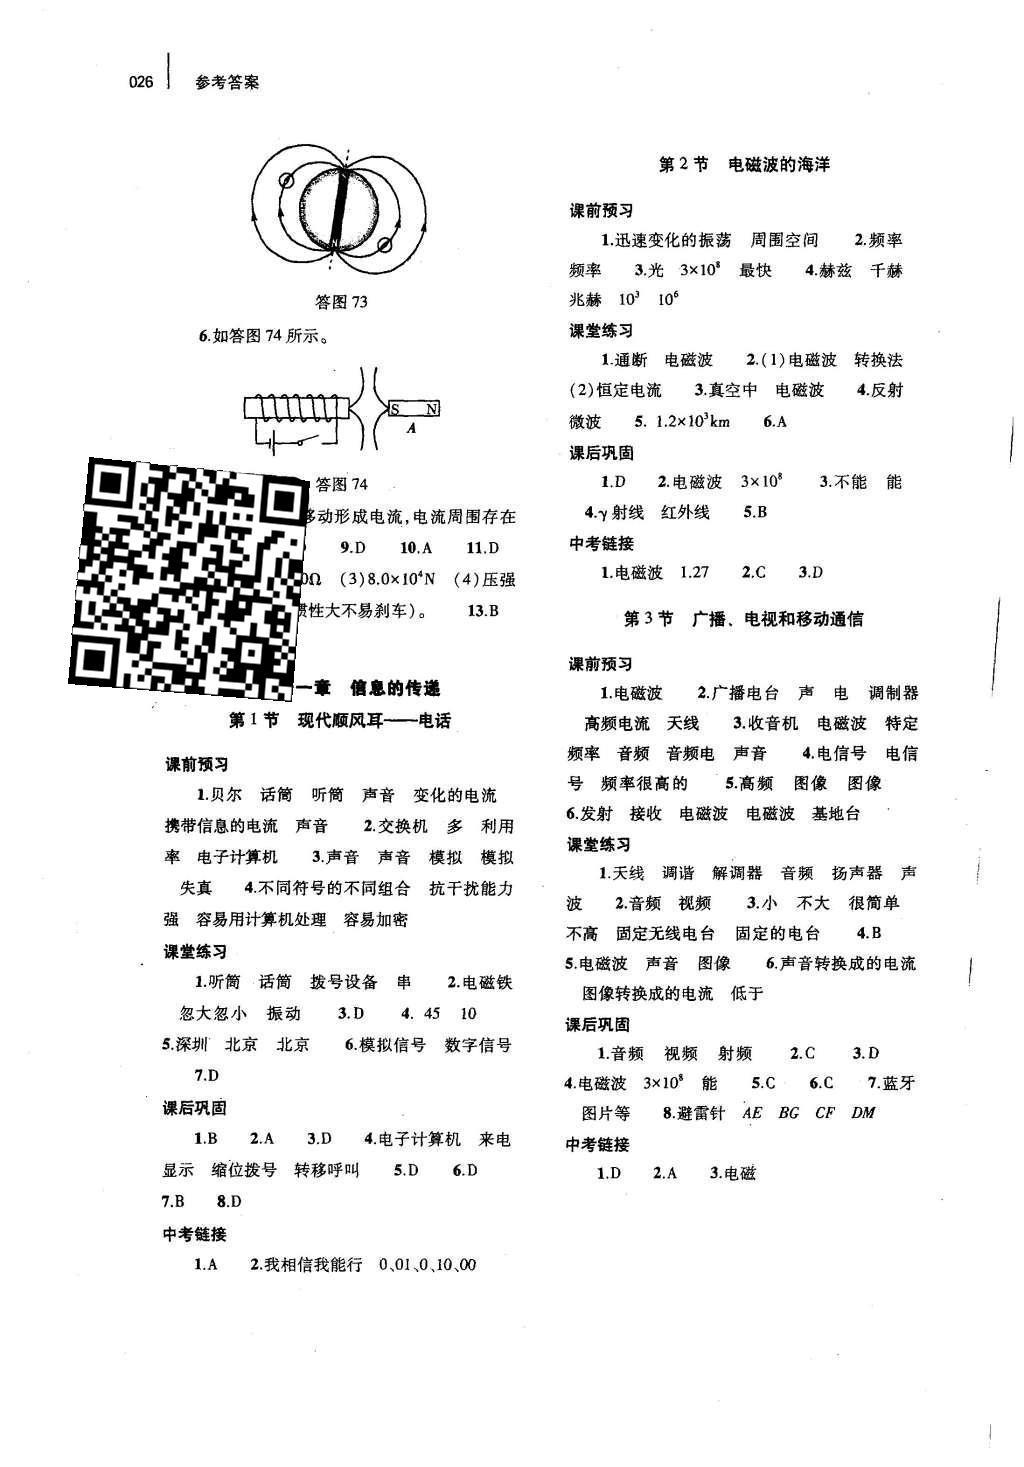 2015年基础训练九年级物理全一册人教版河南省内使用参考答案第38页